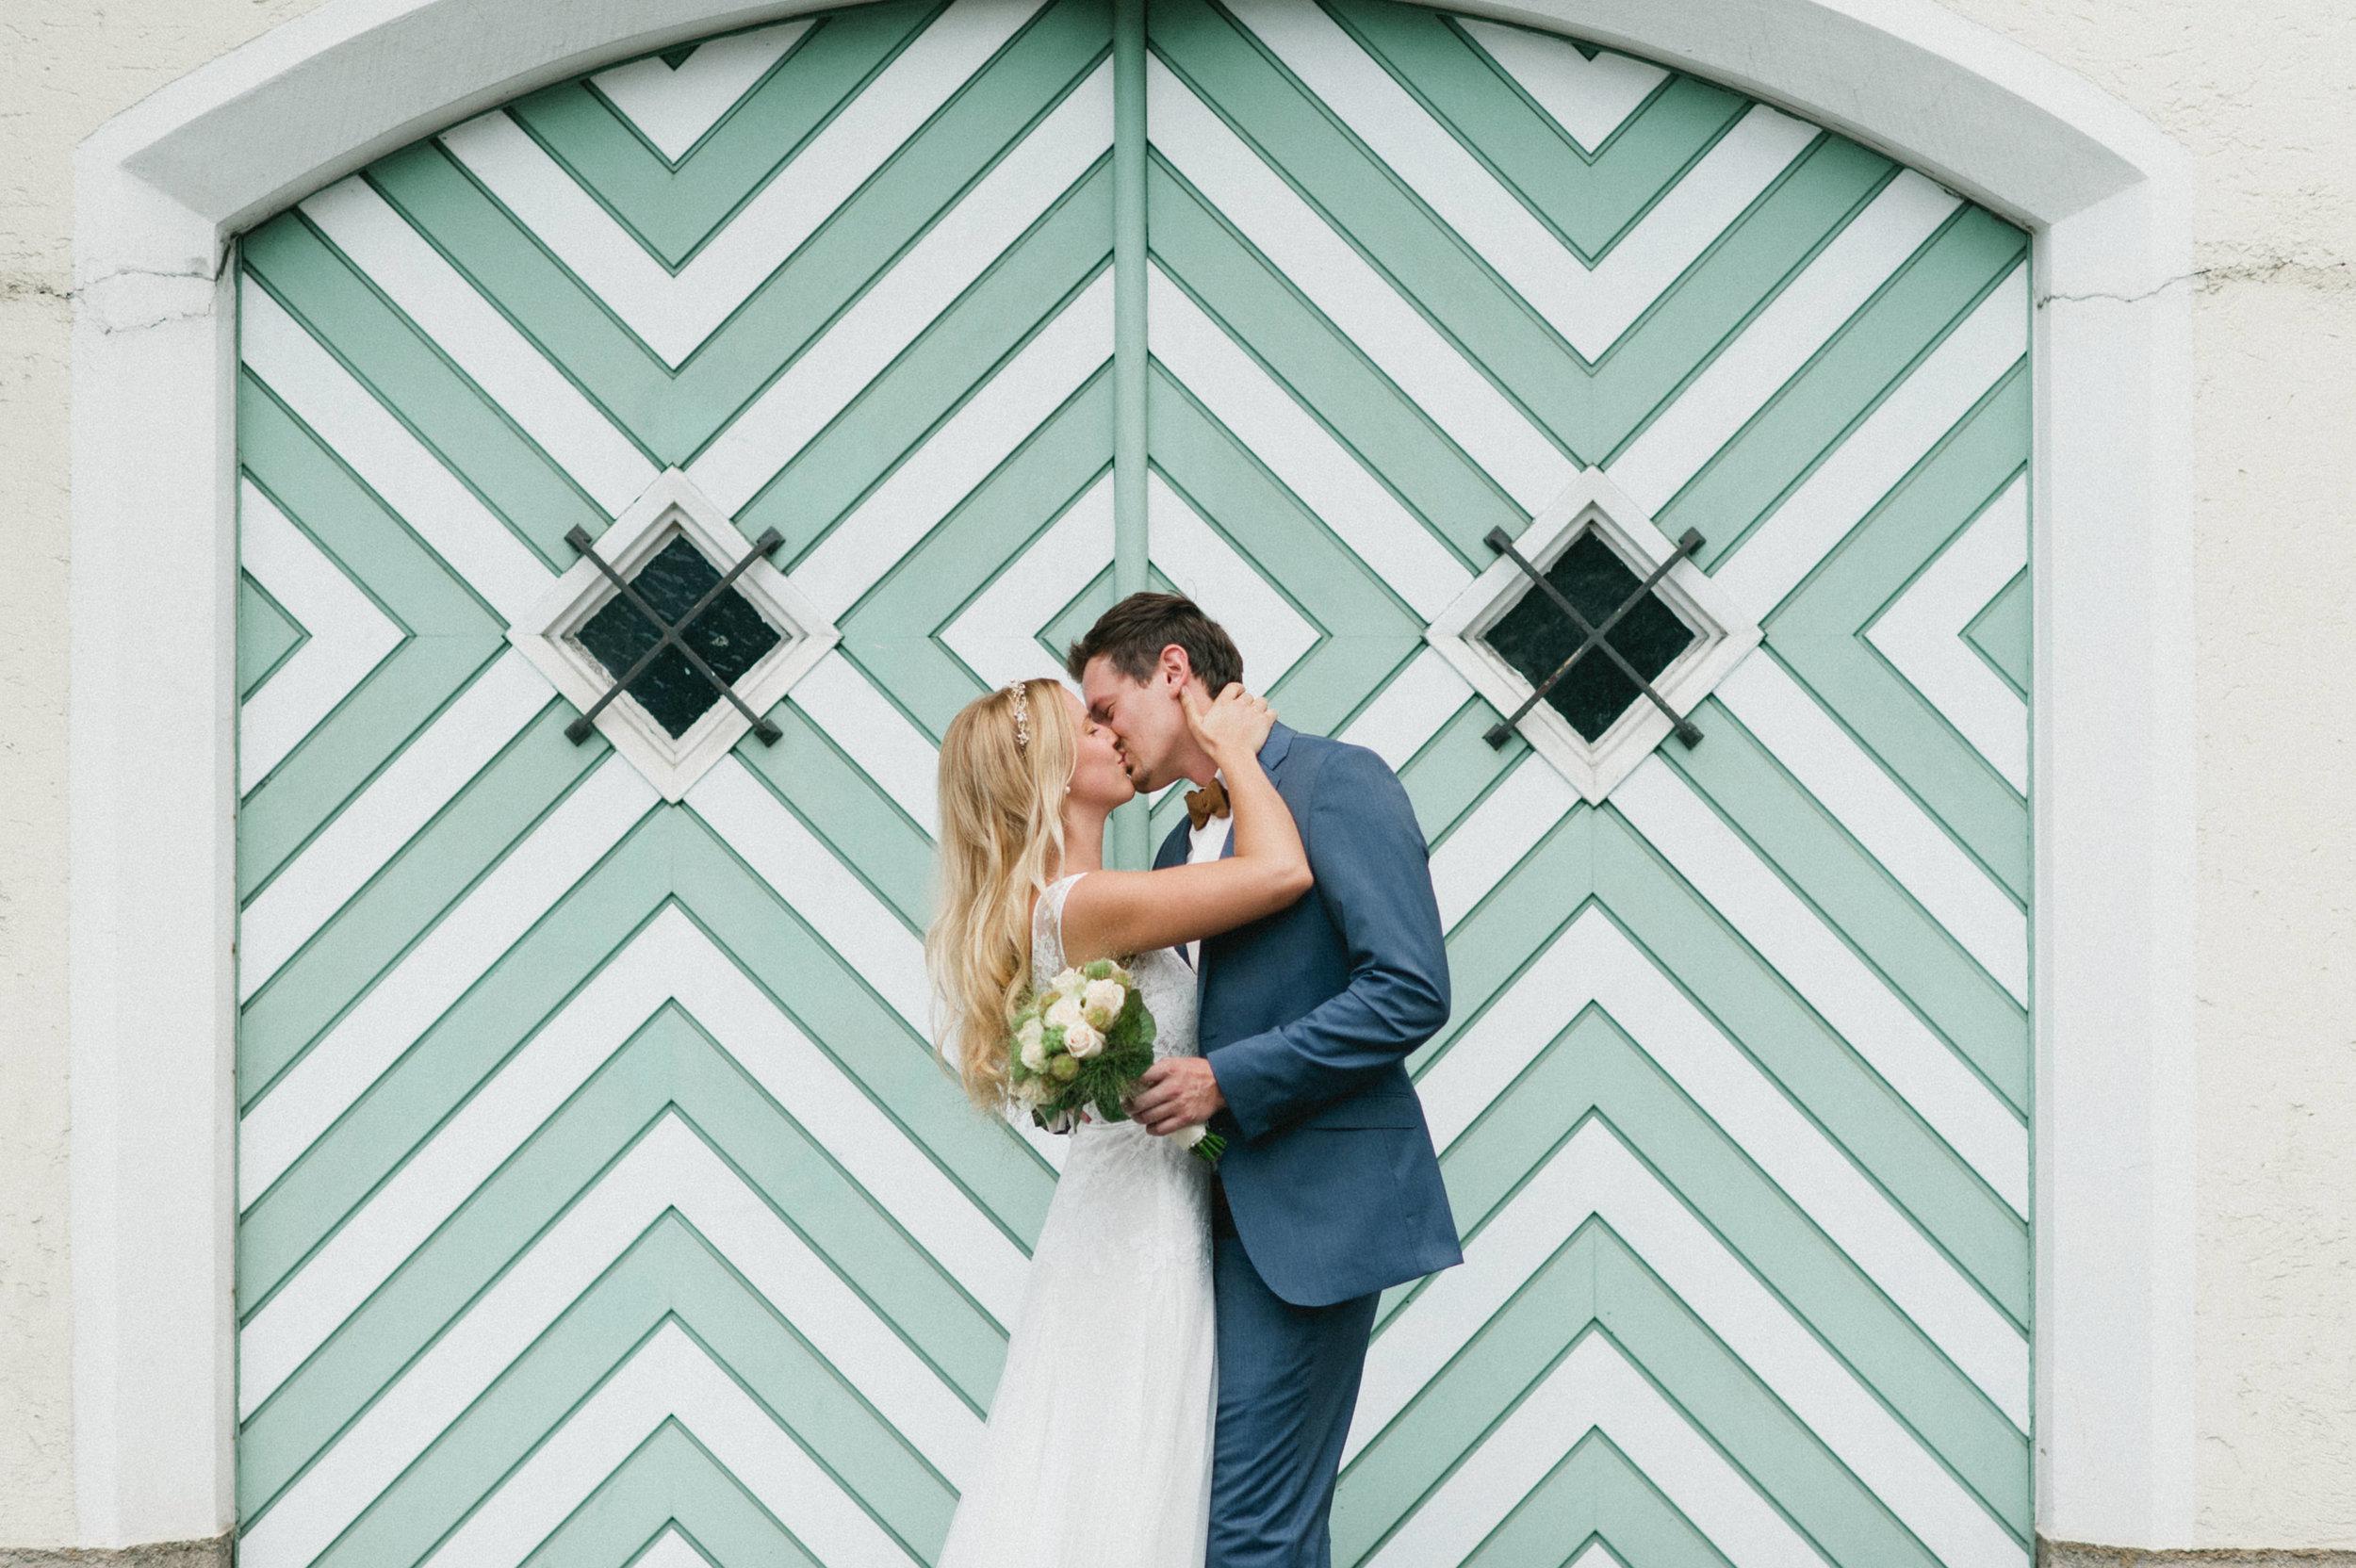 lieschen heiratet - hochzeitsreportage villa benz